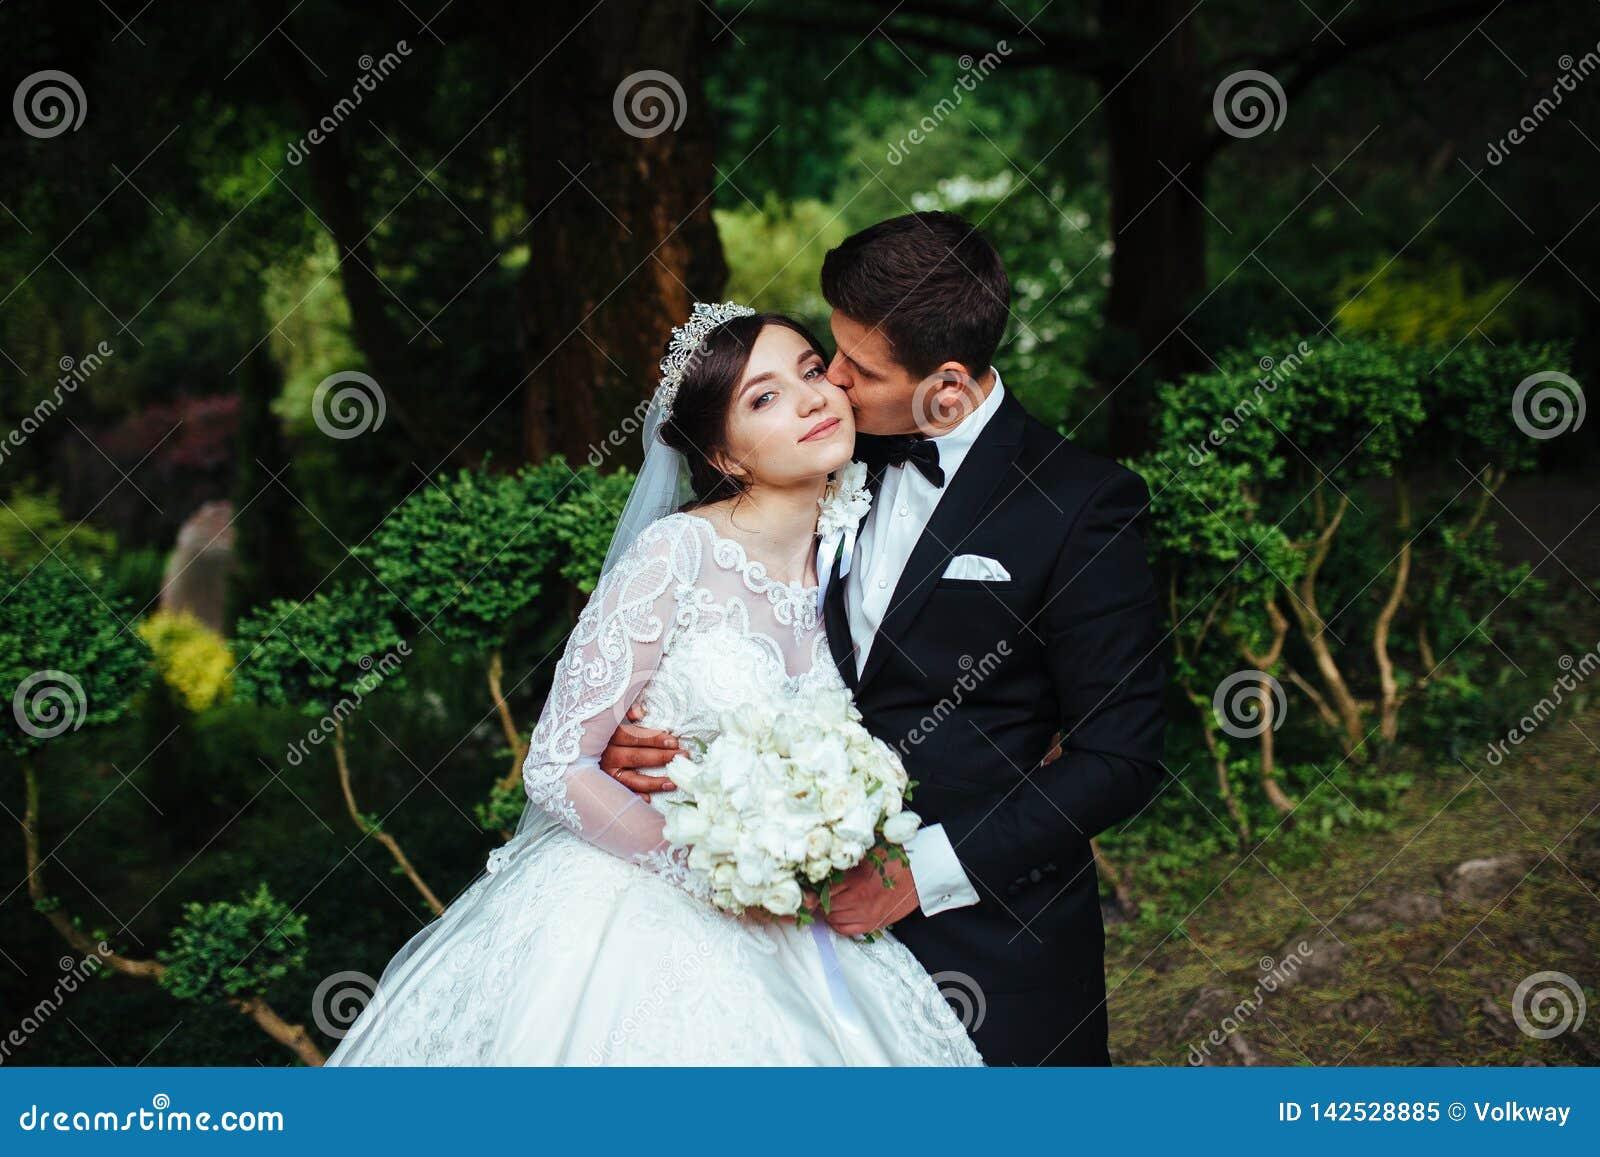 Grande ritratto di coppia molto bella di nozze